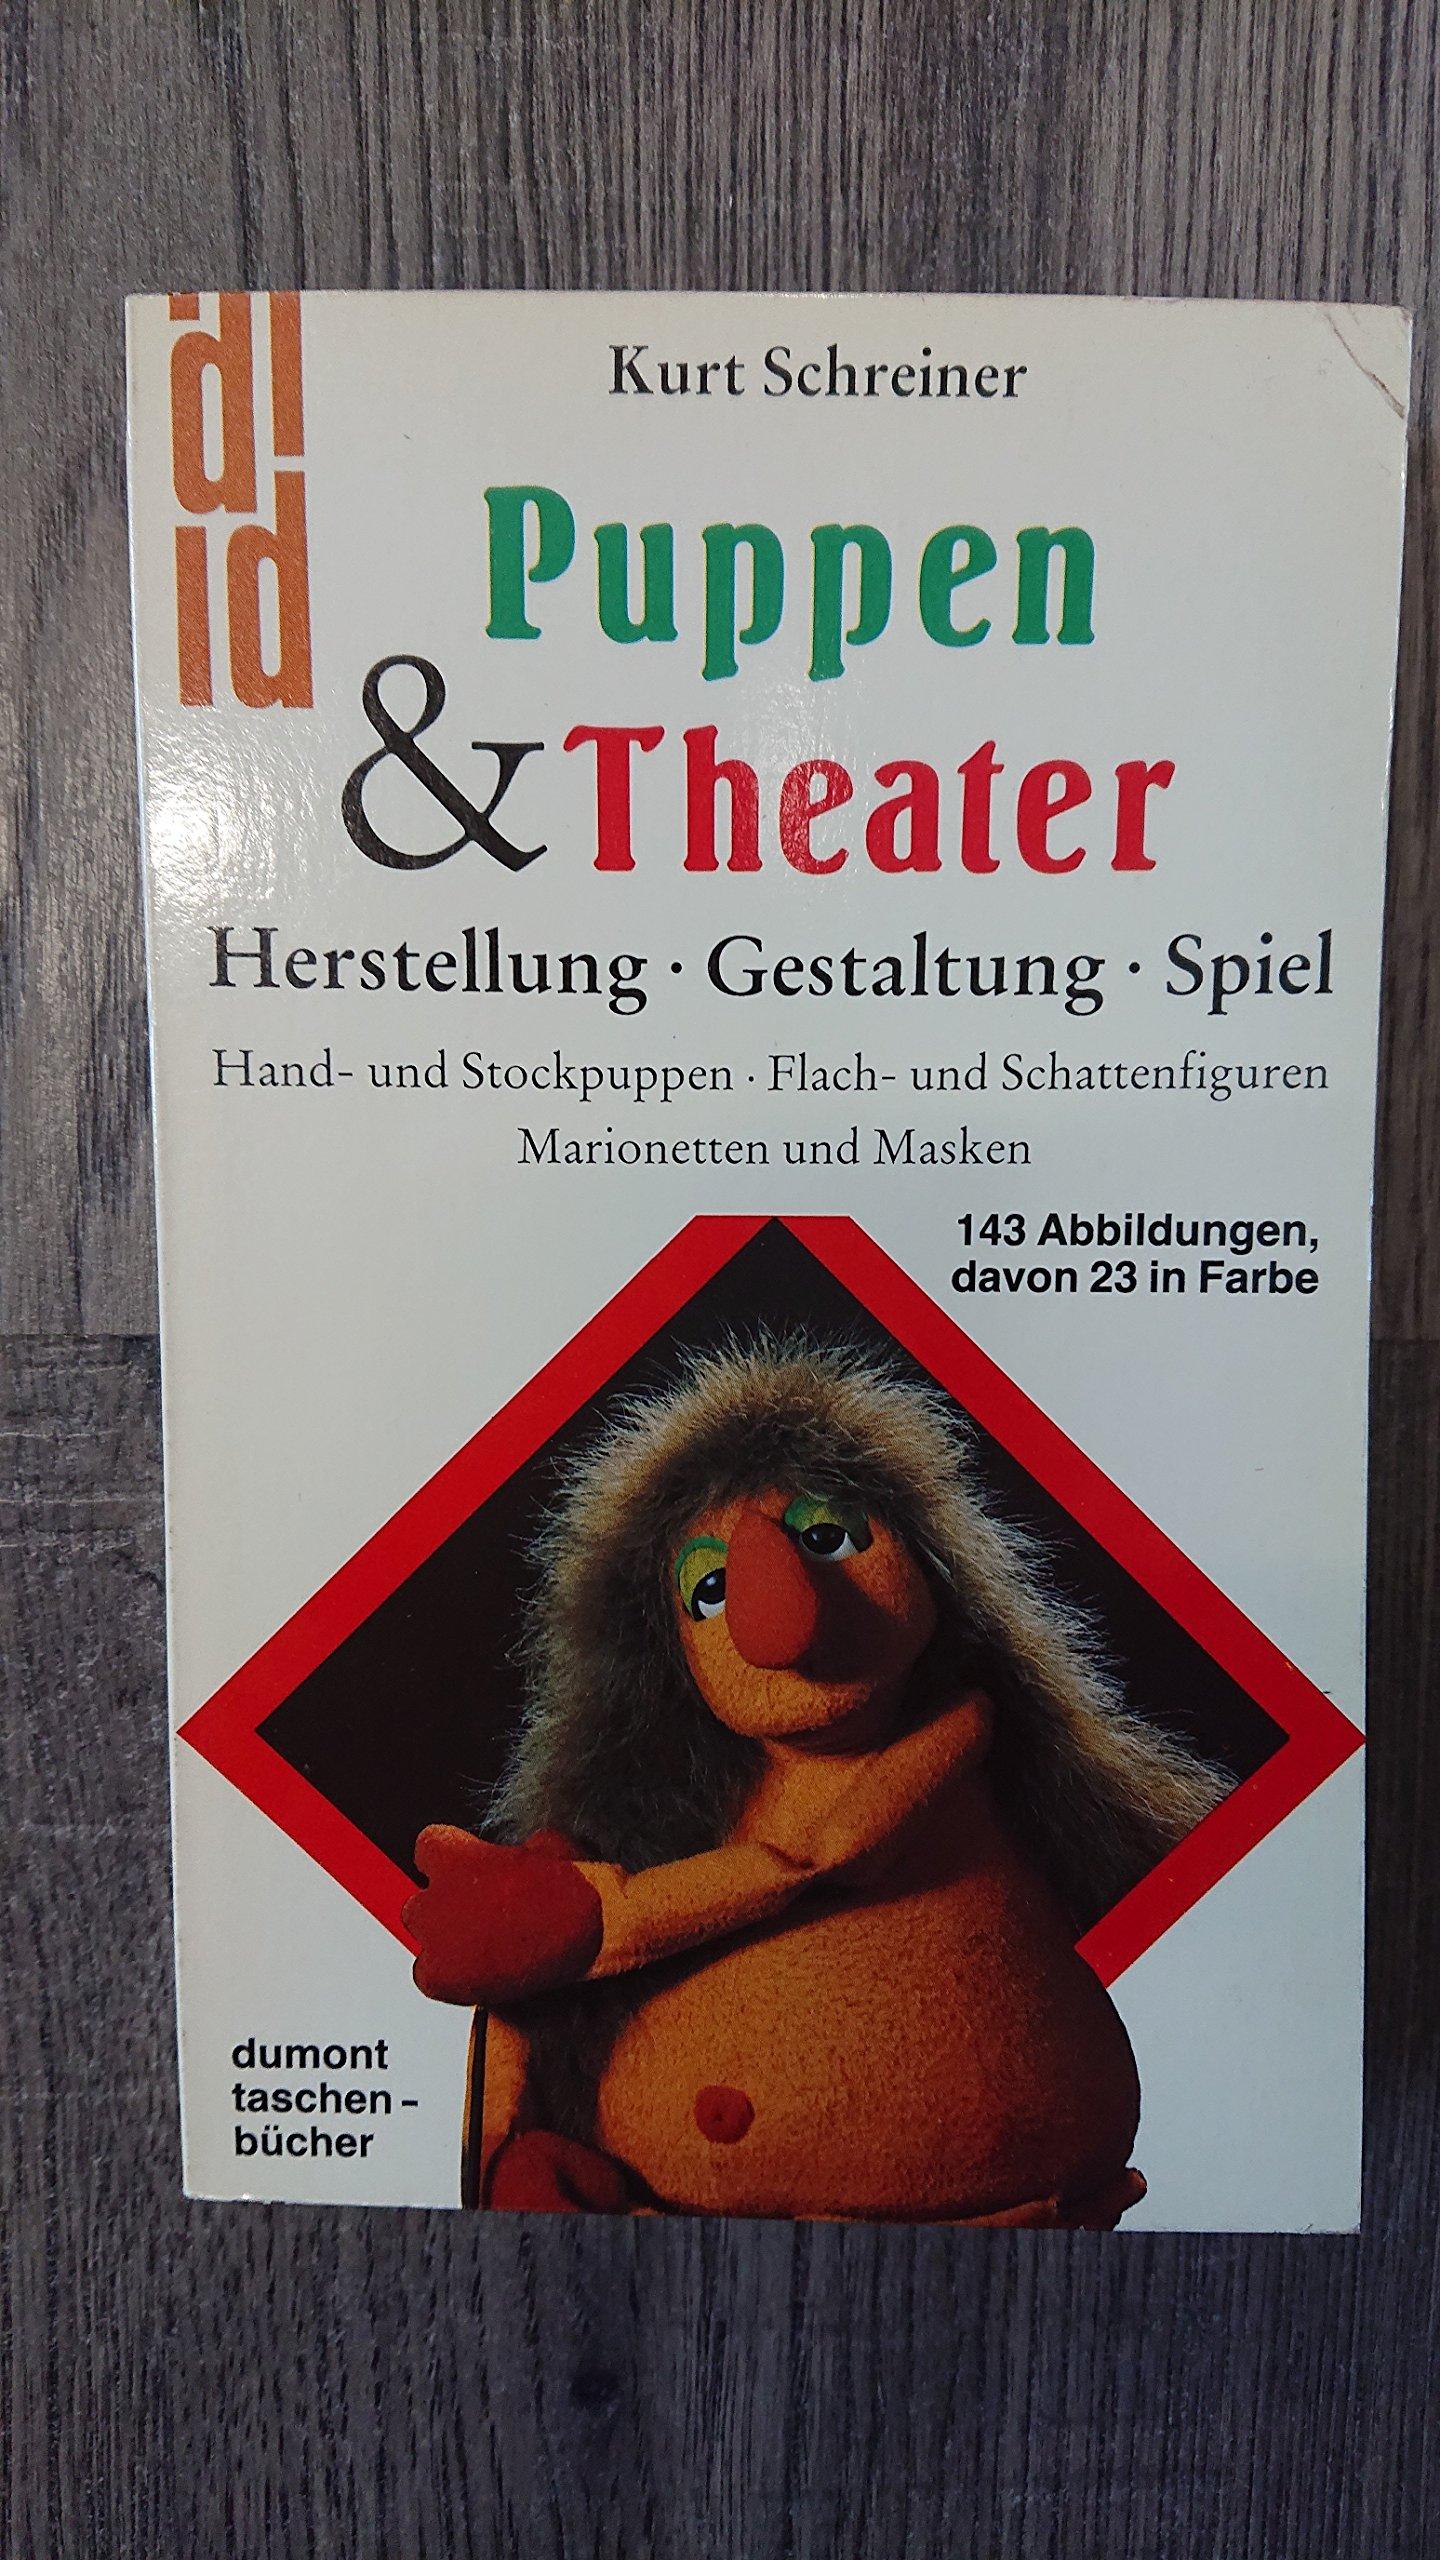 Puppen und Theater. Herstellung, Gestaltung, Spiel.